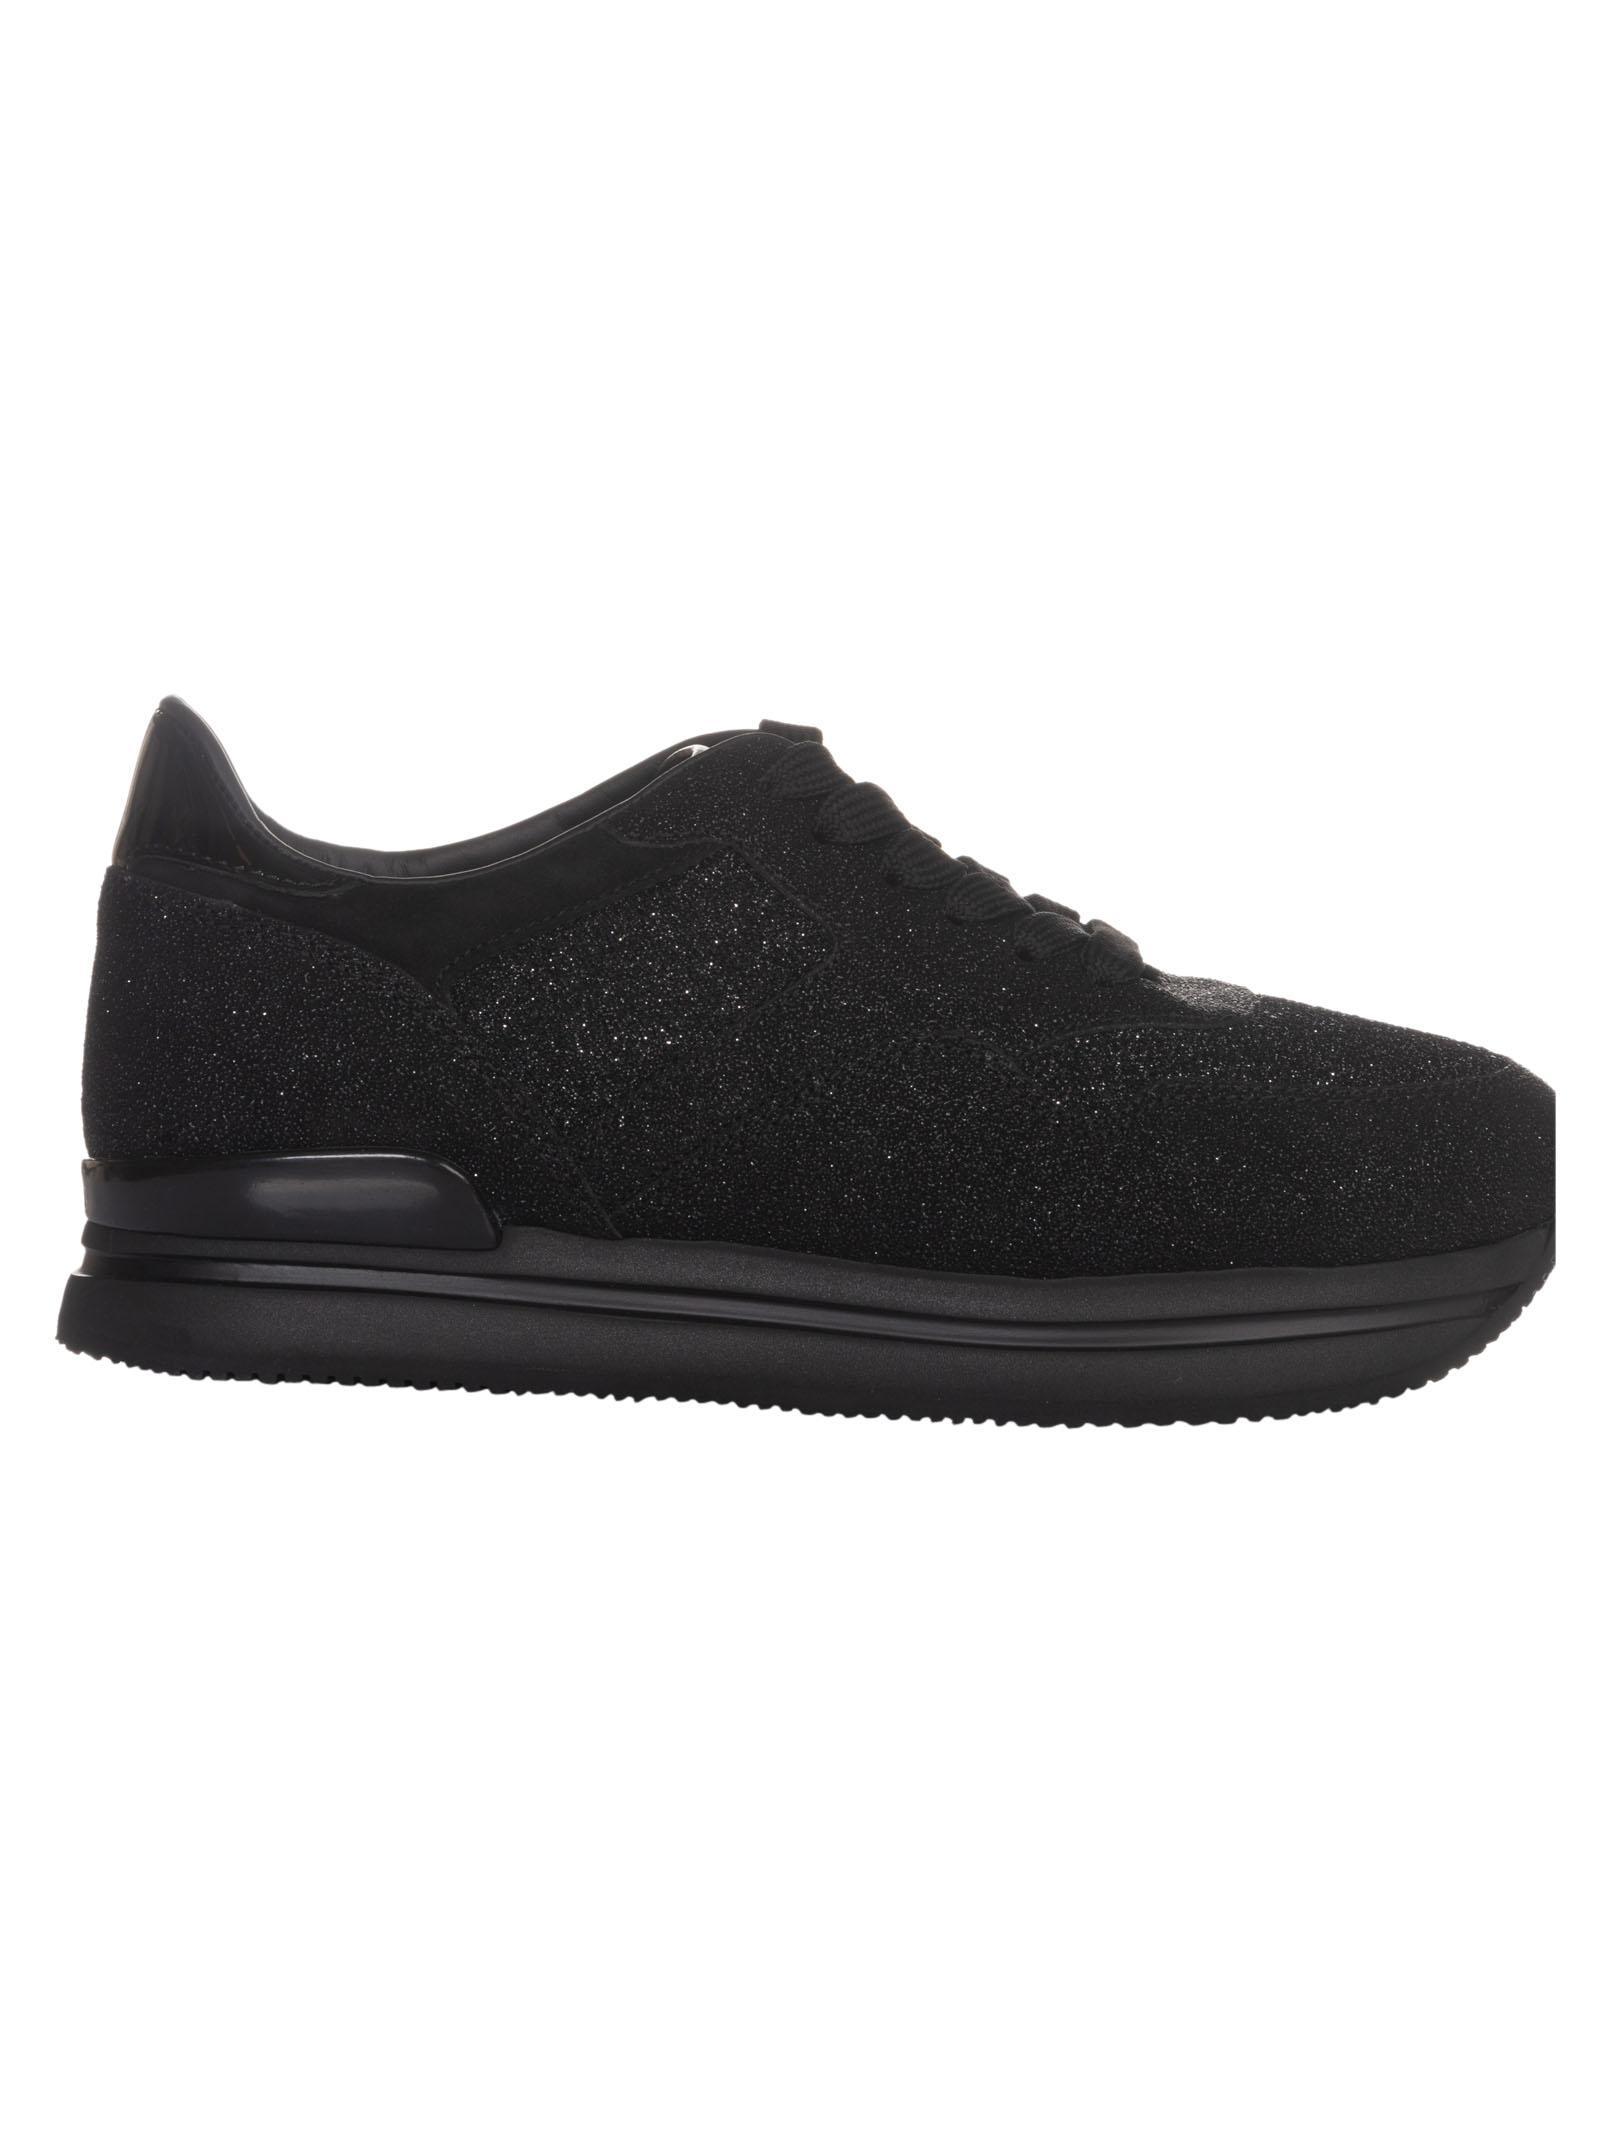 72eab7cf0ba0 Lyst - Hogan Shoes in Black